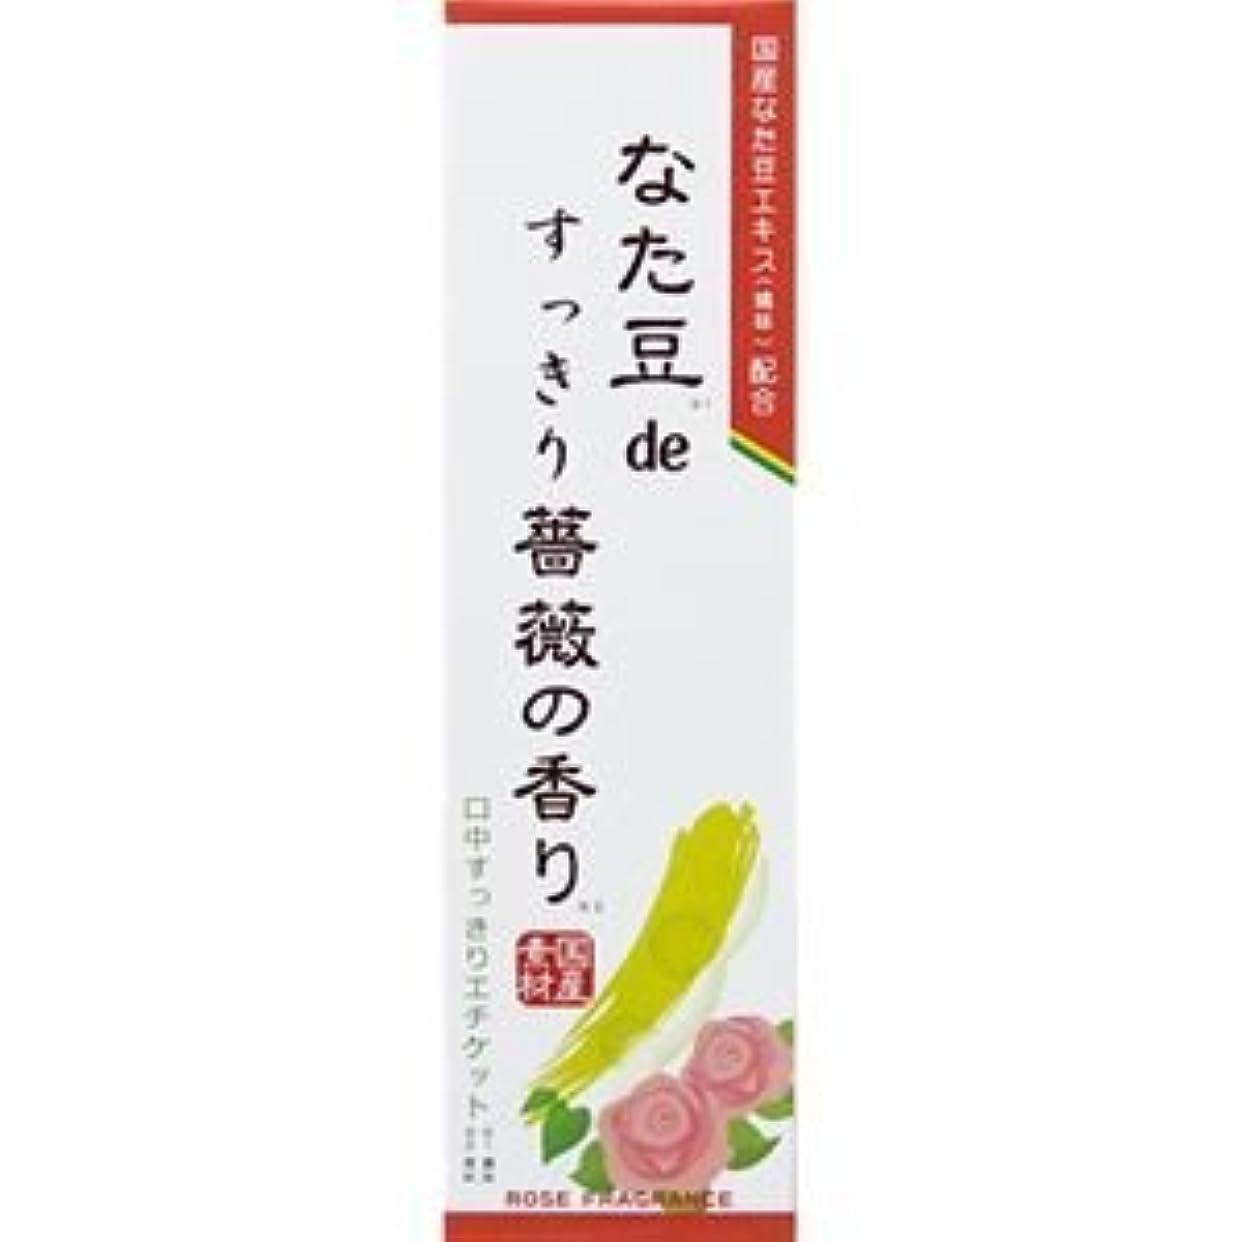 知っているに立ち寄る新しい意味勧める(まとめ買い)なた豆deすっきり薔薇の香り 120g×3セット